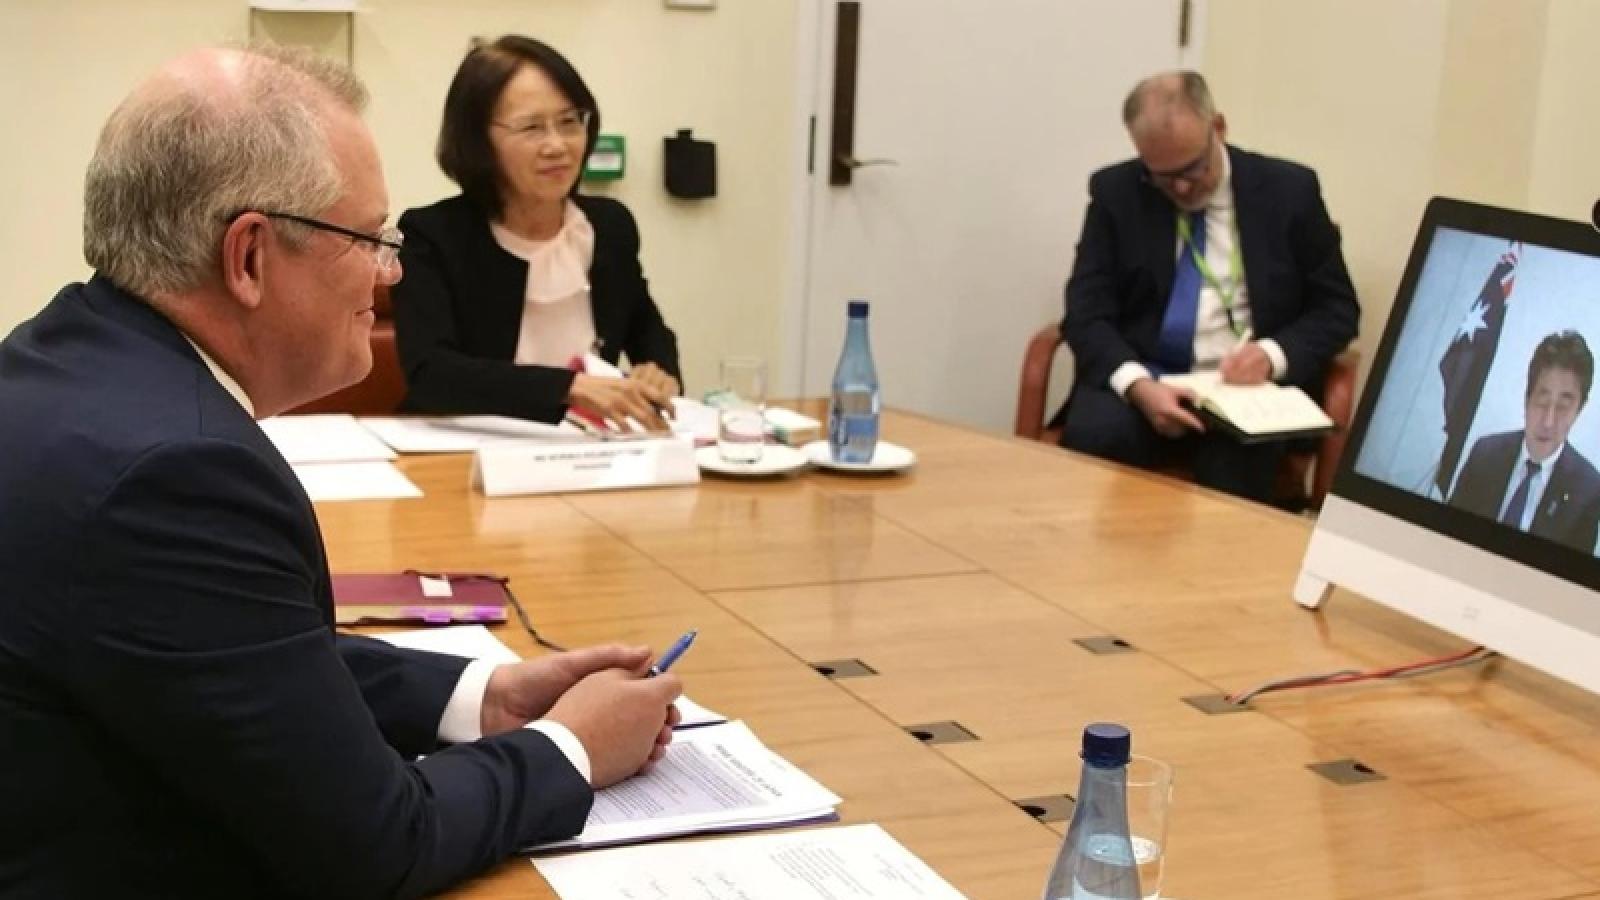 Australia-Nhật Bản hướng tới vai trò dẫn dắt khu vực, bàn về Biển Đông